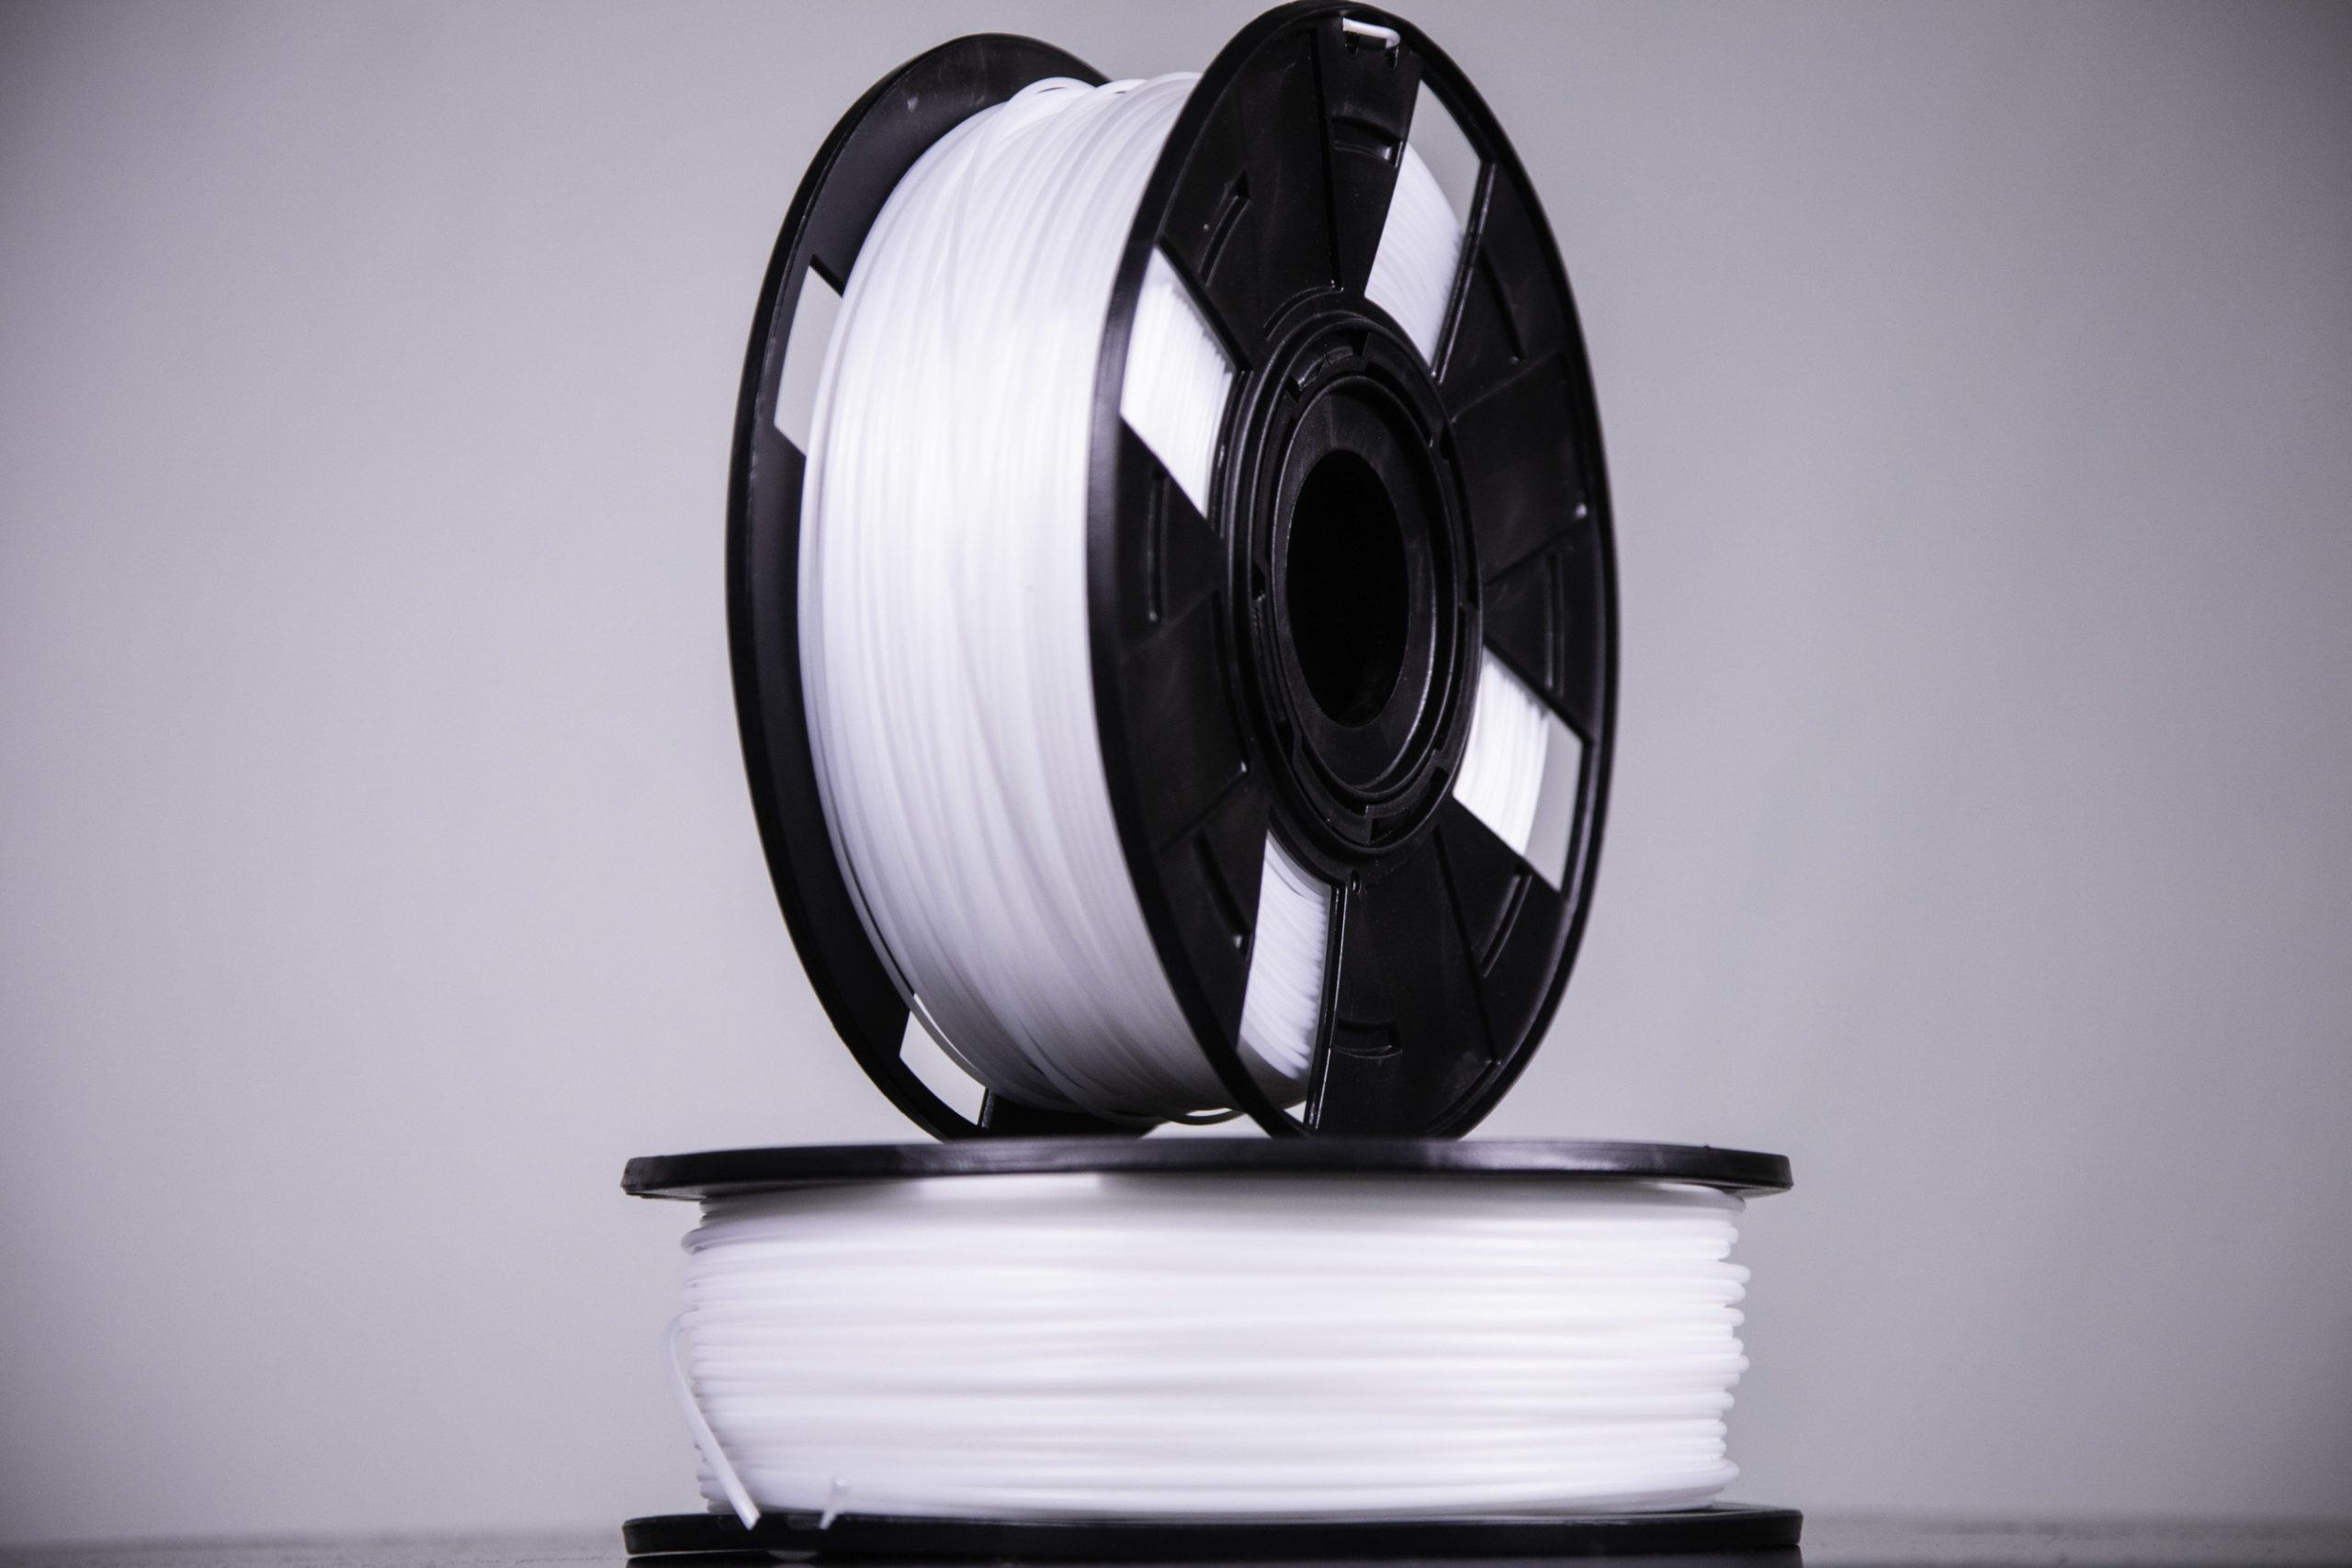 Braskem's polypropylene filament. Photo via Braskem.